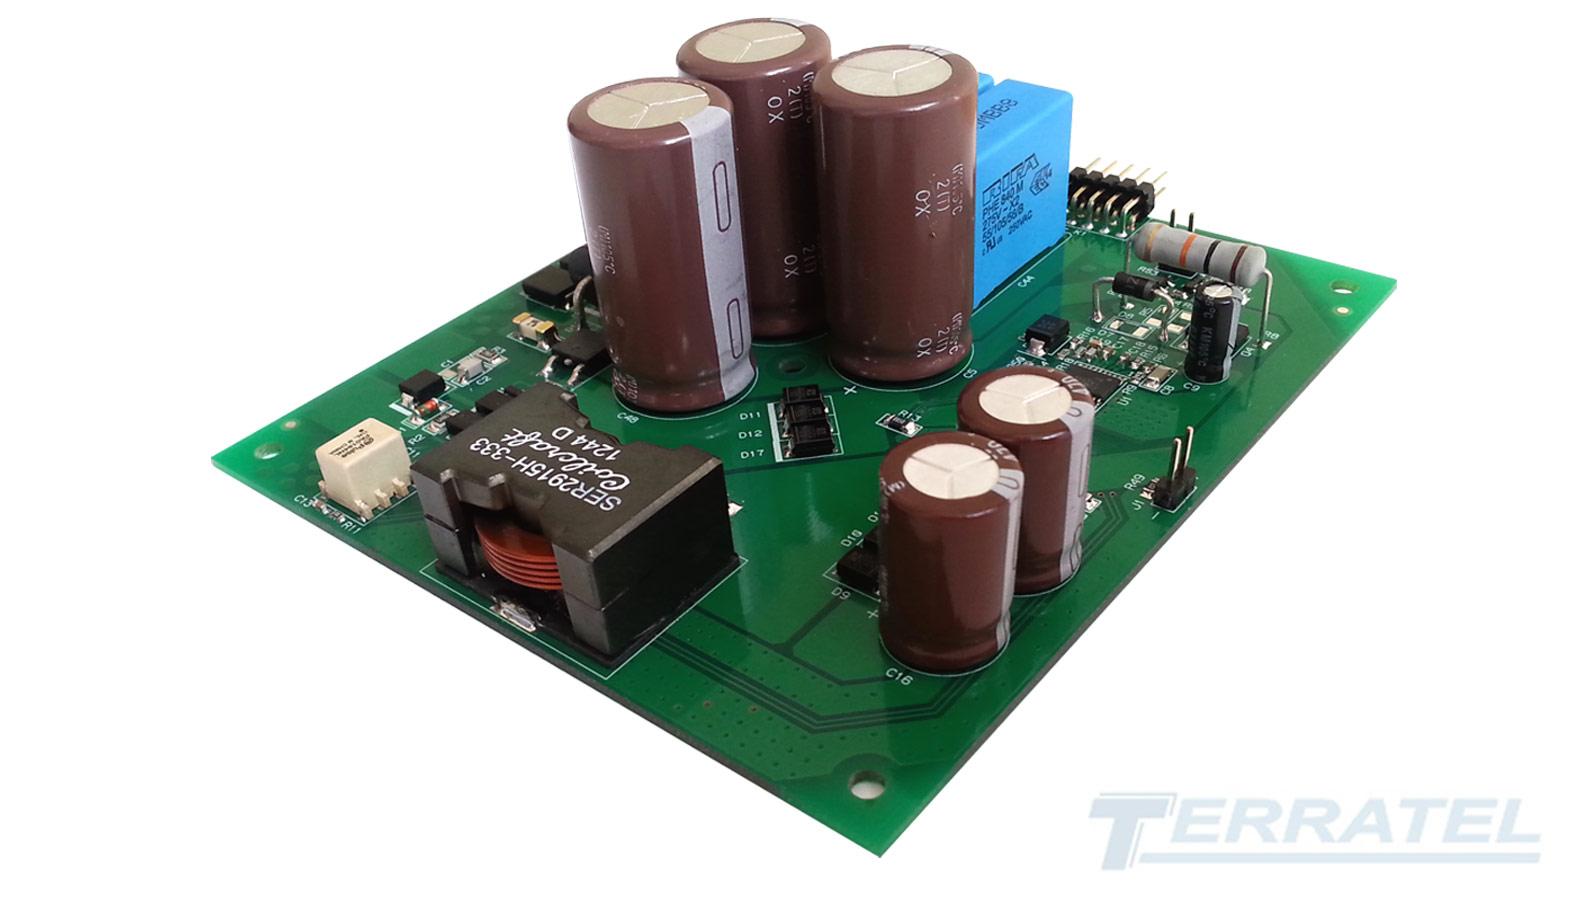 Buck-boost DC-DC конвертер преобразователь, вход 35В, 160В - выход 48В или 24В